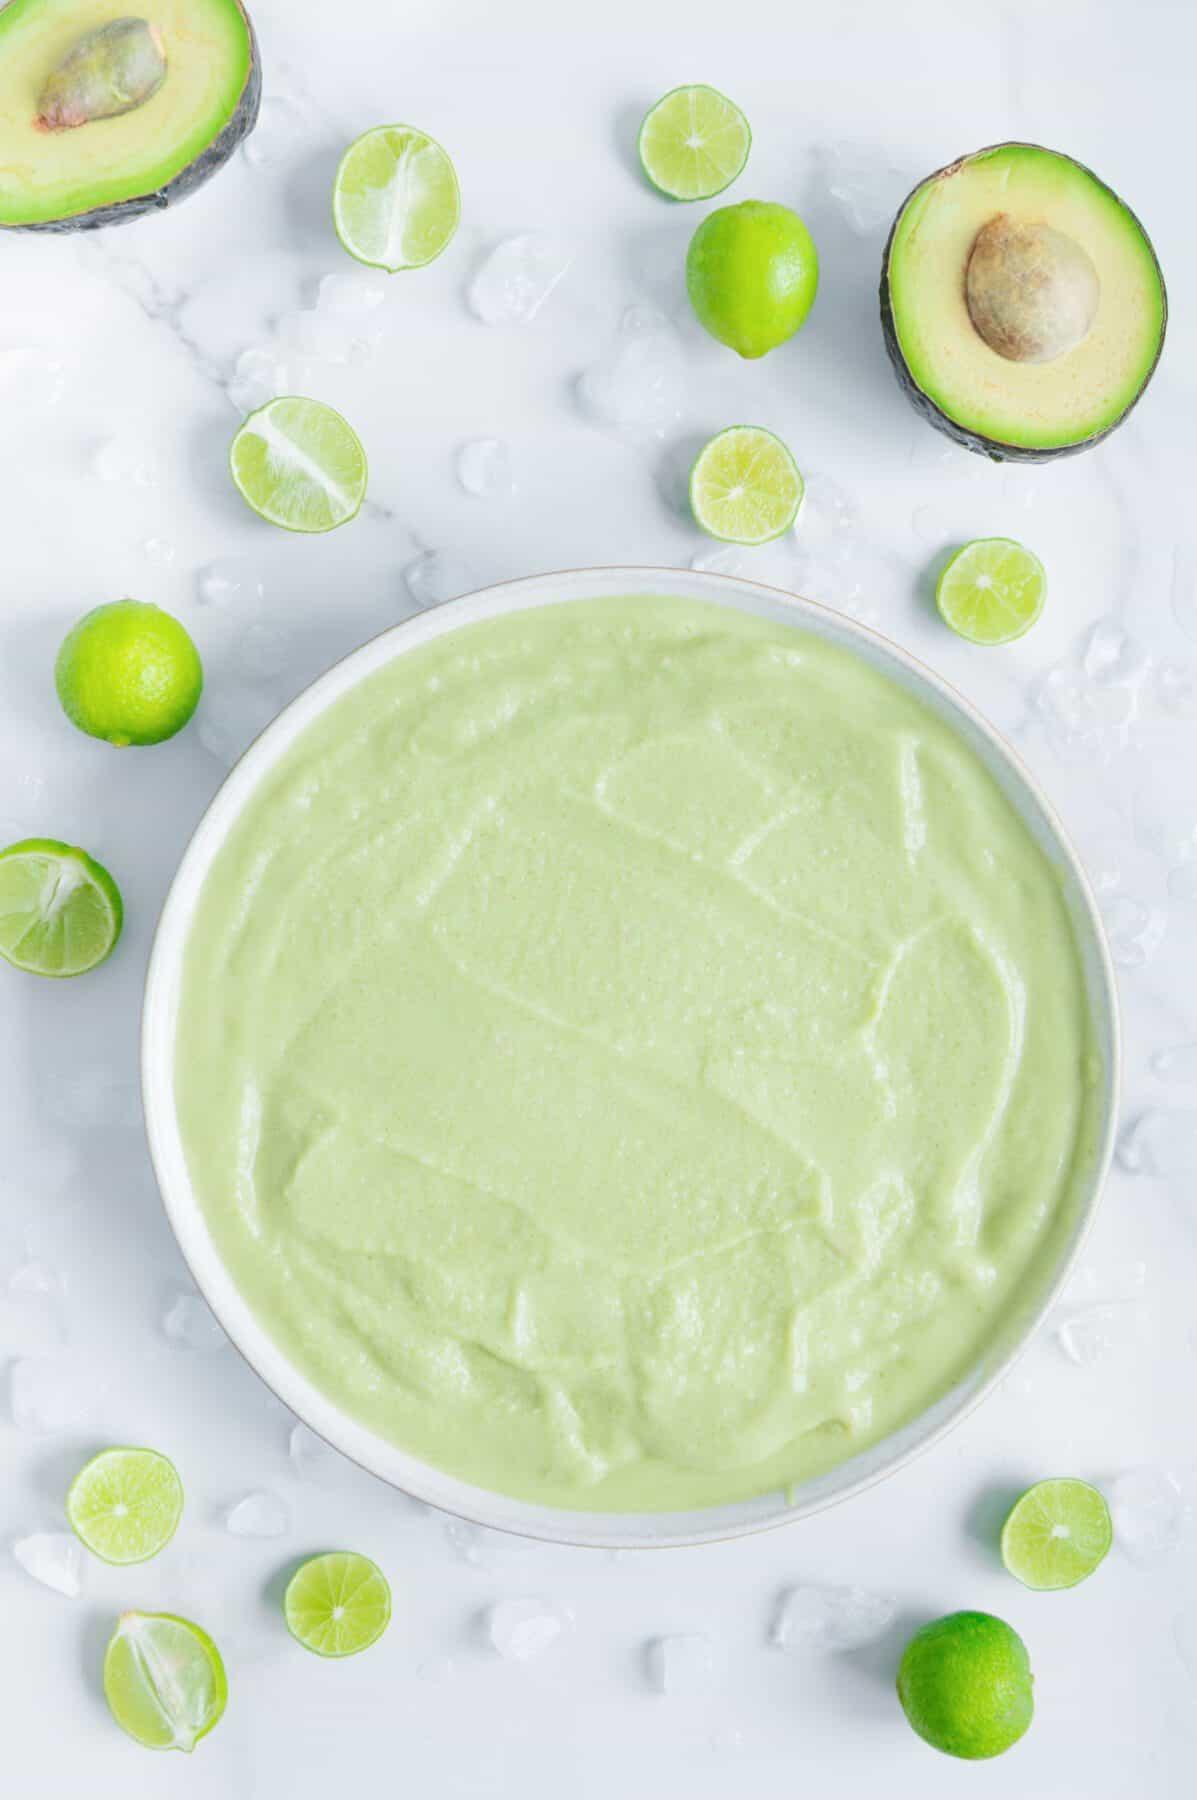 Easy Key Lime Pie Smoothie